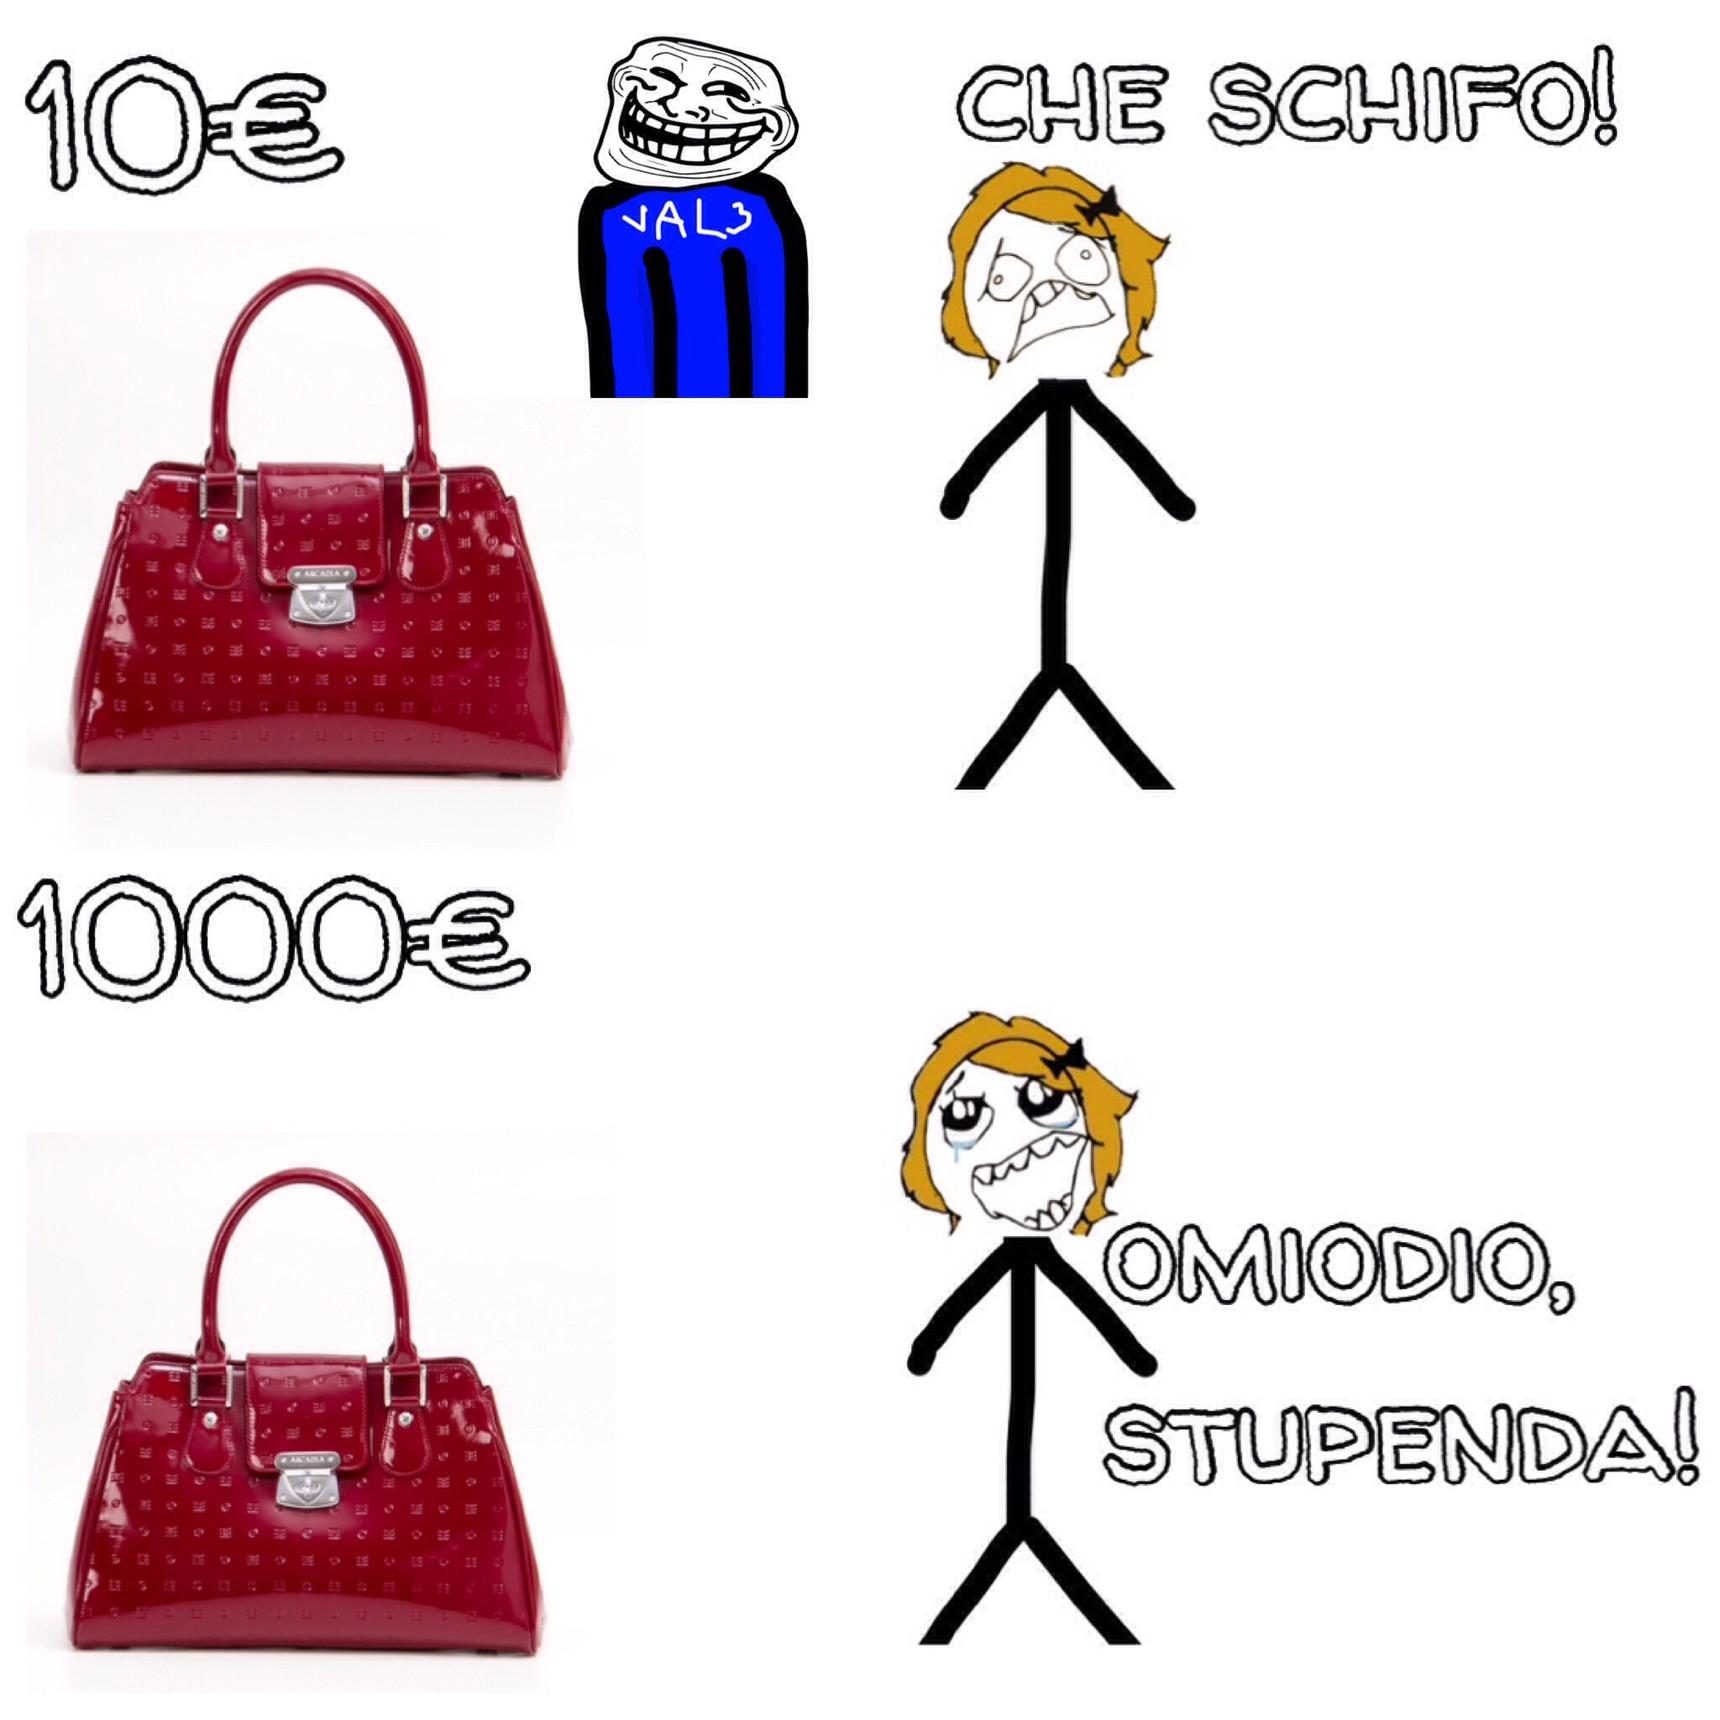 True story. Ah quette gonneh ~cit - meme